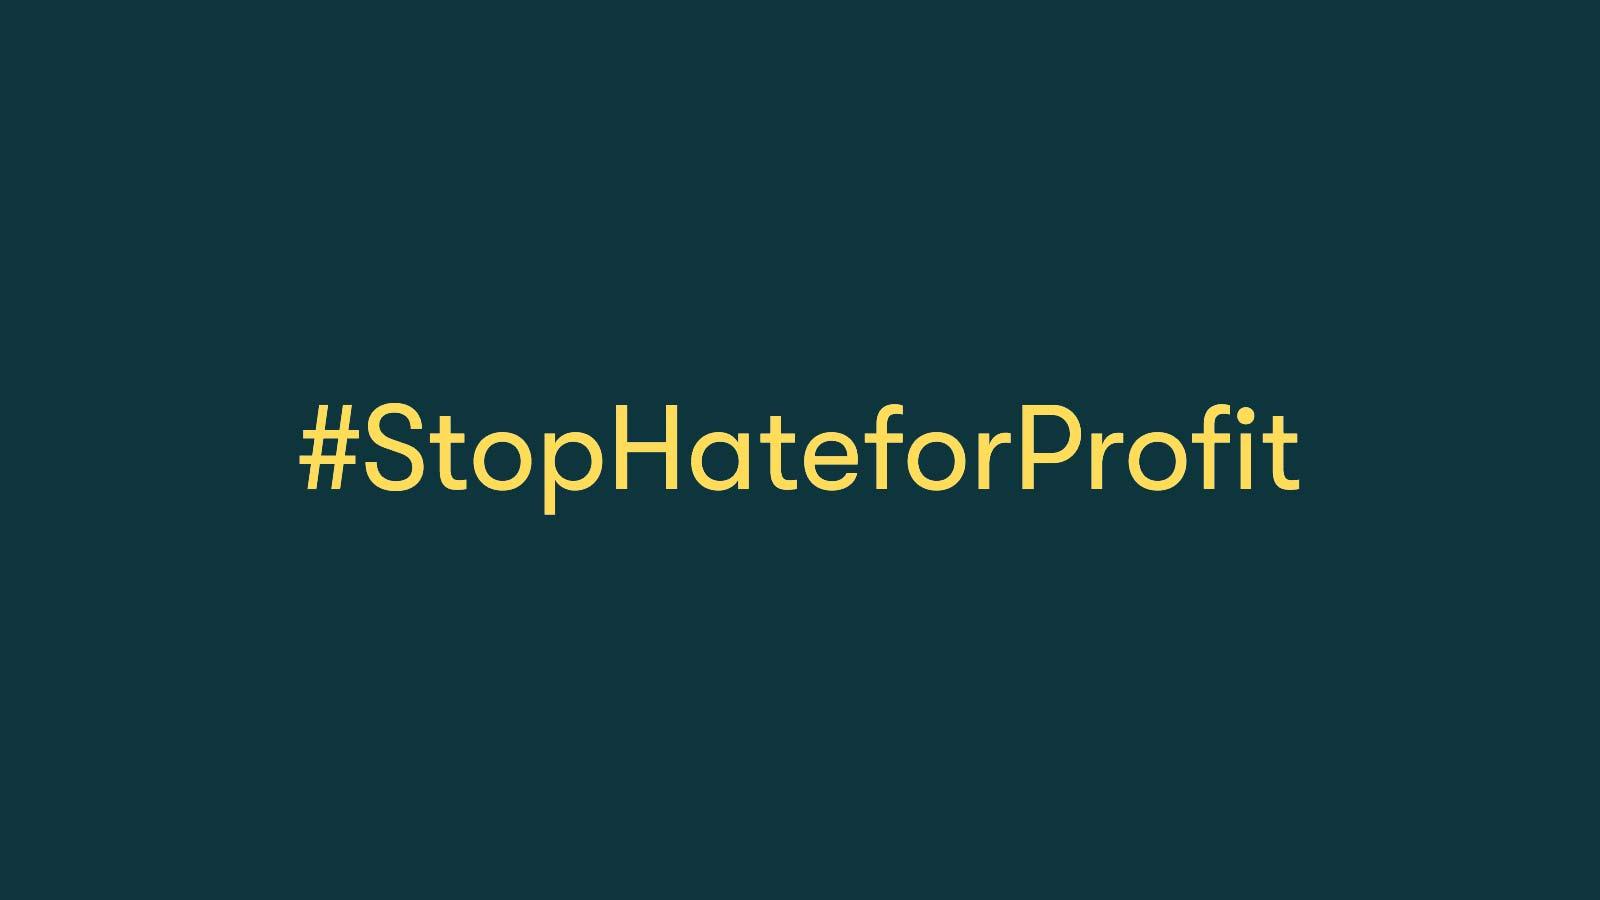 vi med i #StopHateForProfitcampaign